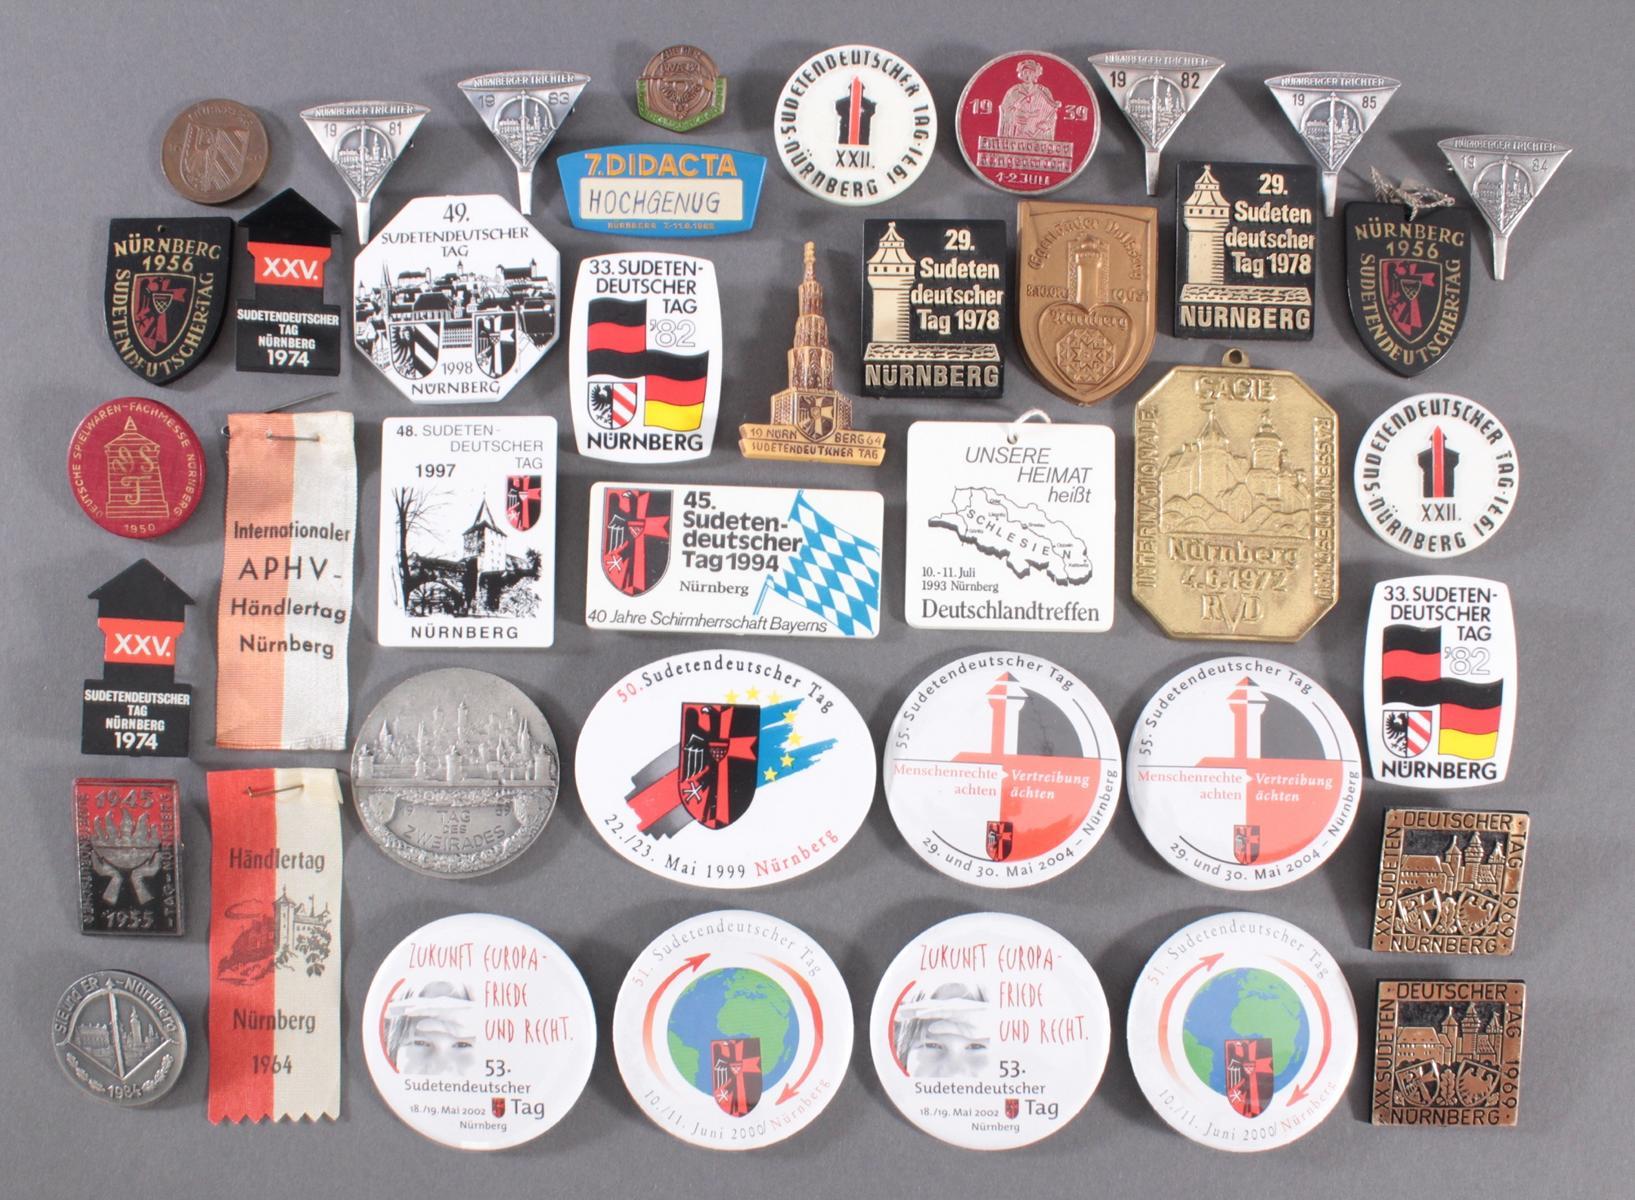 41 Tagungs- und Veranstaltungsabzeichen Nürnberg